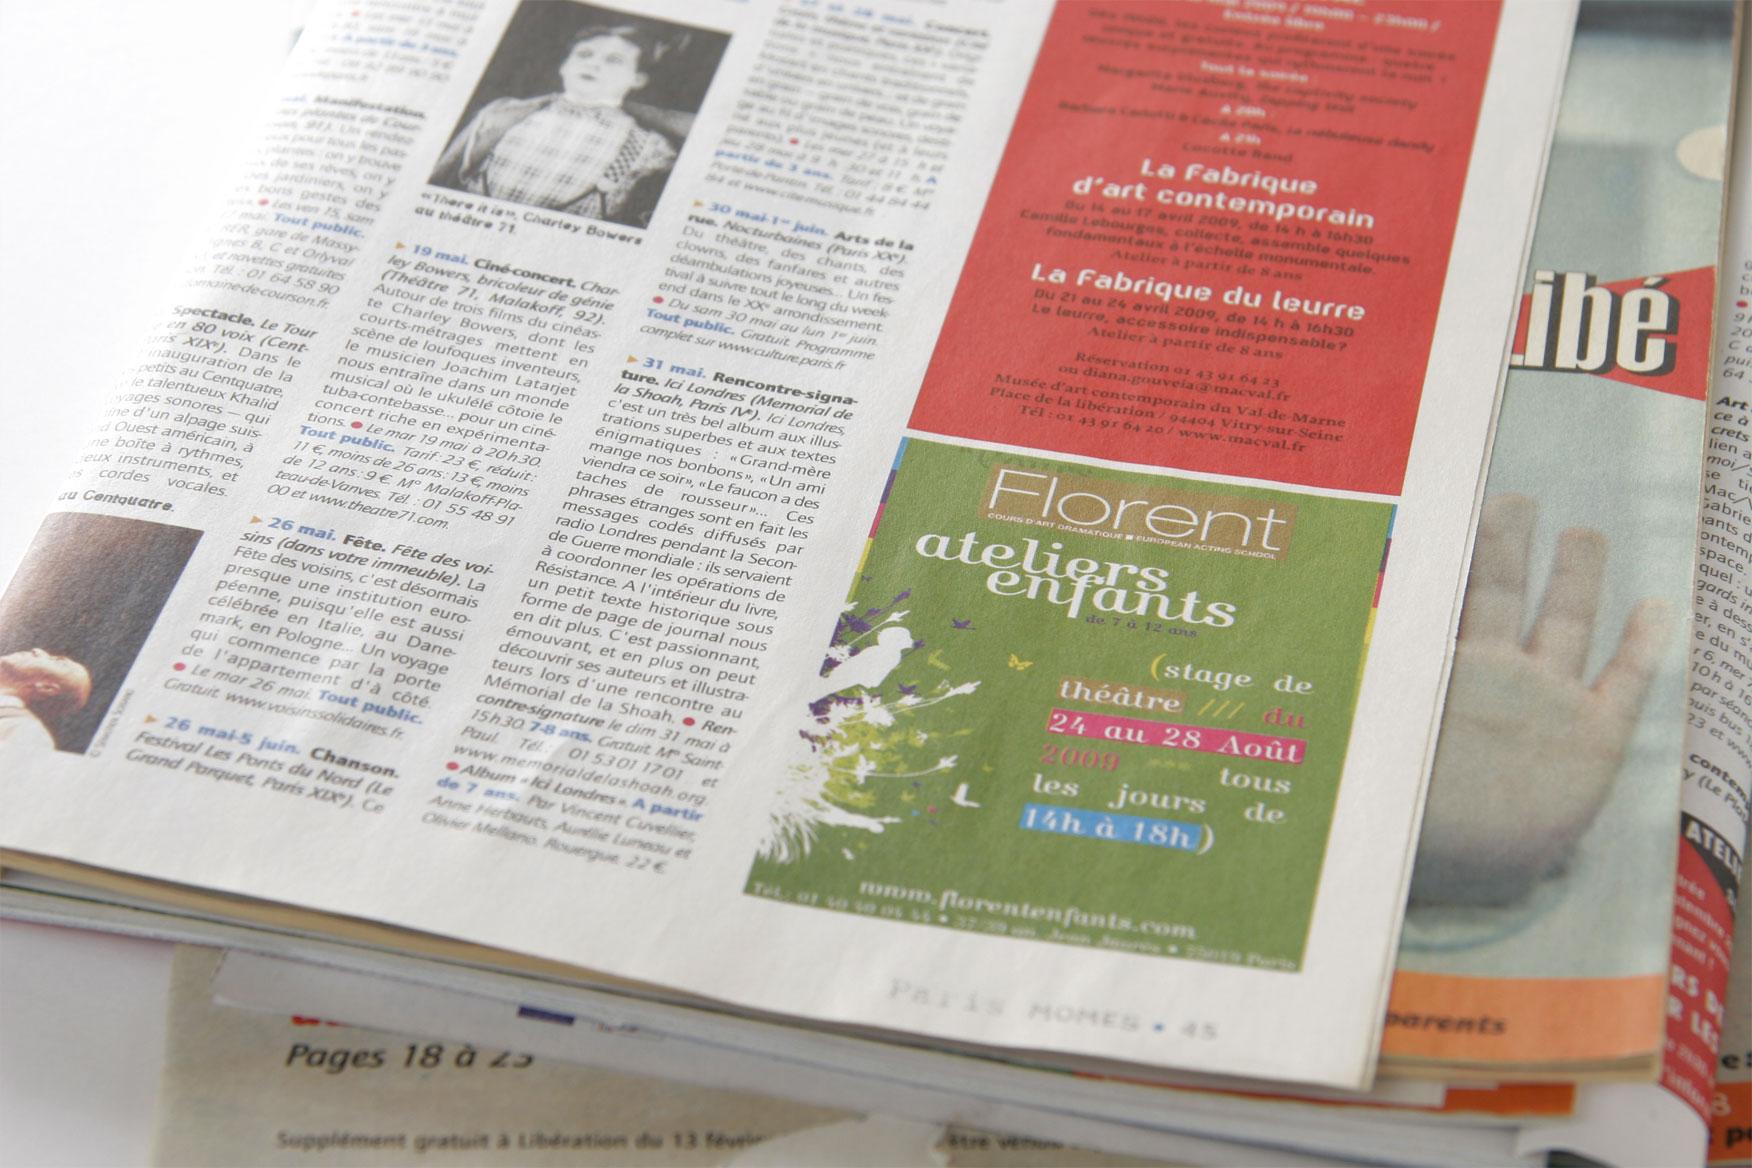 Annonce Presse ateliers enfants Cours Florent